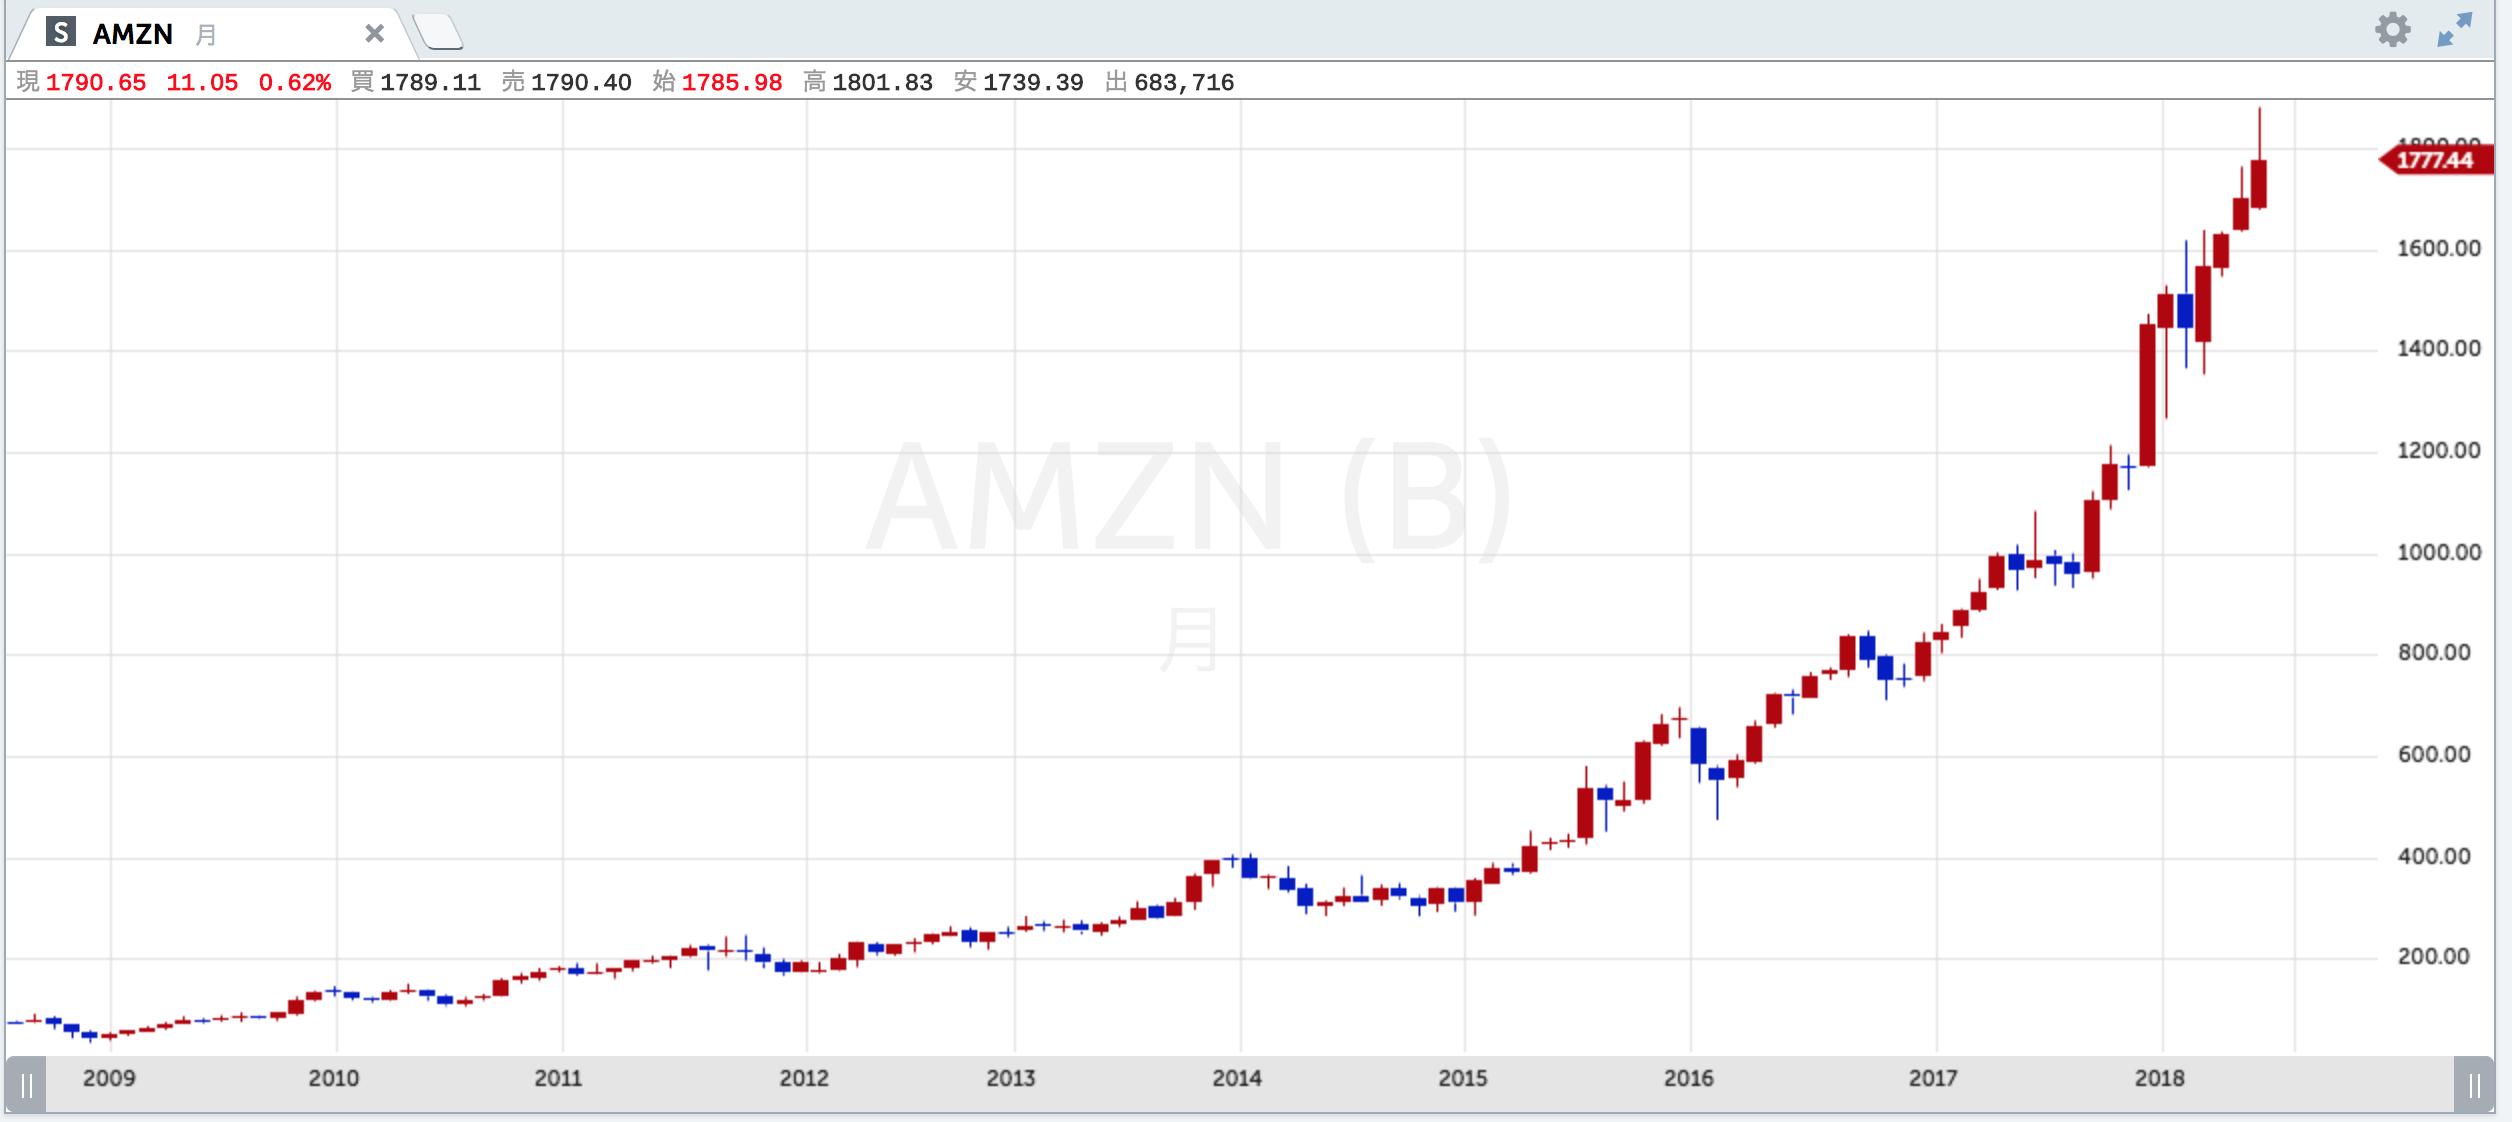 アマゾン 株価 リアルタイム アマゾン・ドット・コム【AMZN】:株式/株価